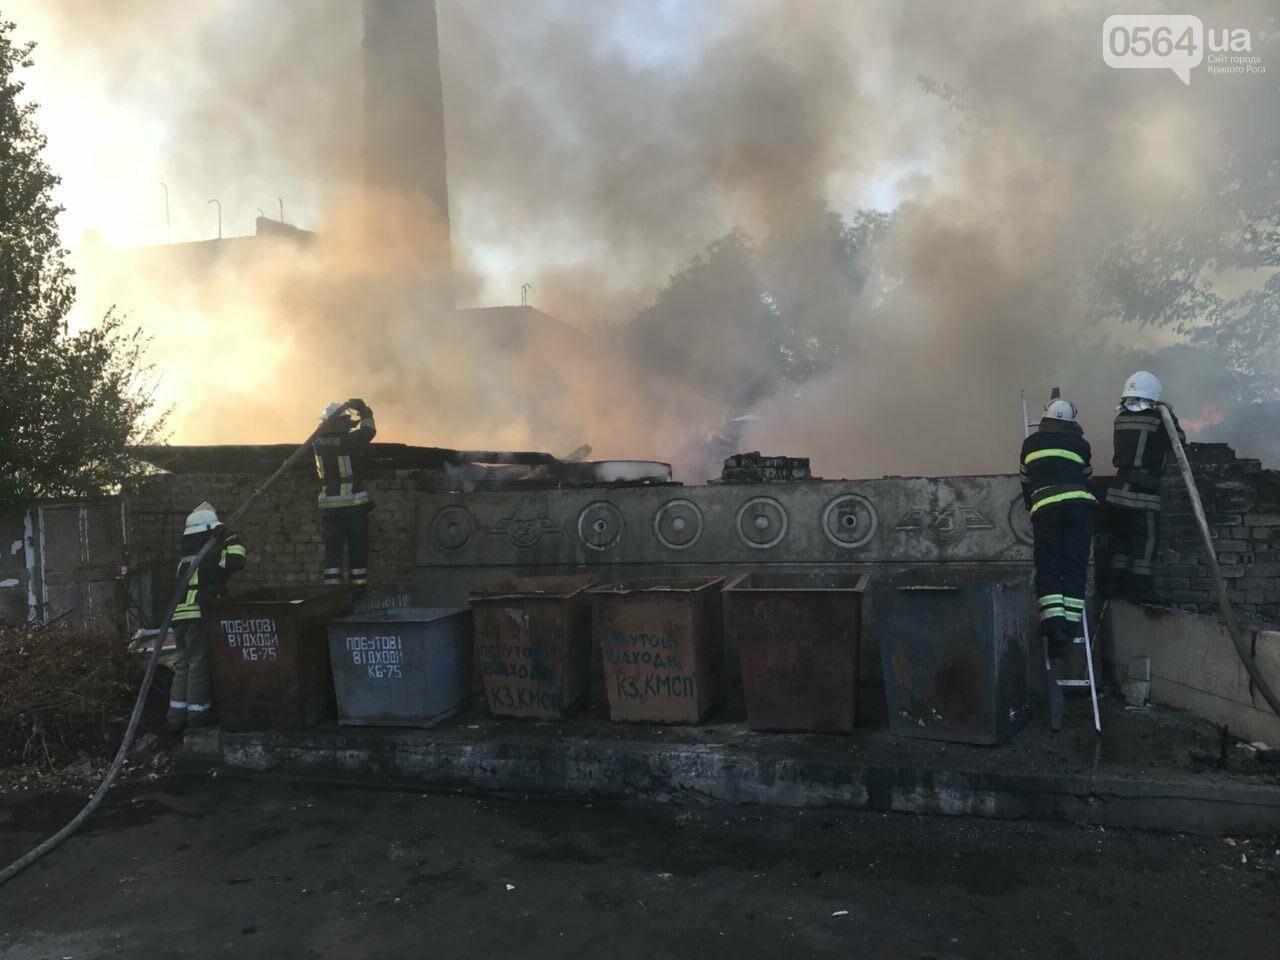 В Кривом Роге масштабный пожар: горели брошенные сараи, - ФОТО, ВИДЕО, фото-5